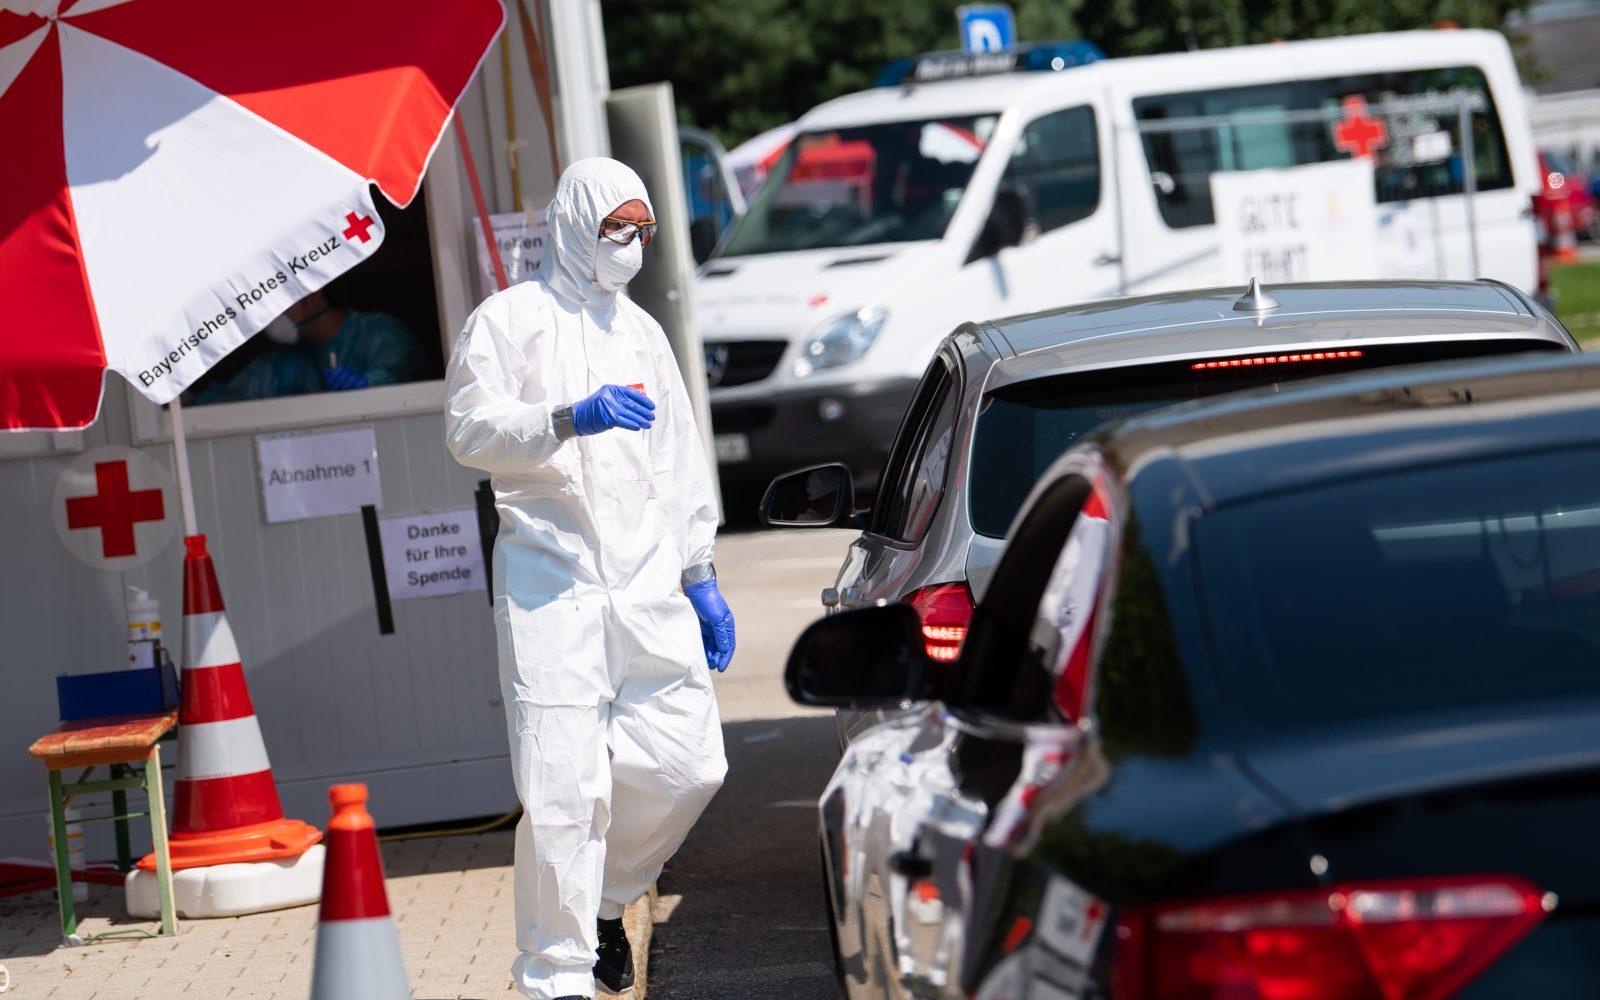 Das Rote Kreuz testet Urlaubsrückkehrer in Bayern auf das Corona-Virus: Ergebnisse wurden nicht weitergeleitet Foto: picture alliance/Sven Hoppe/dpa